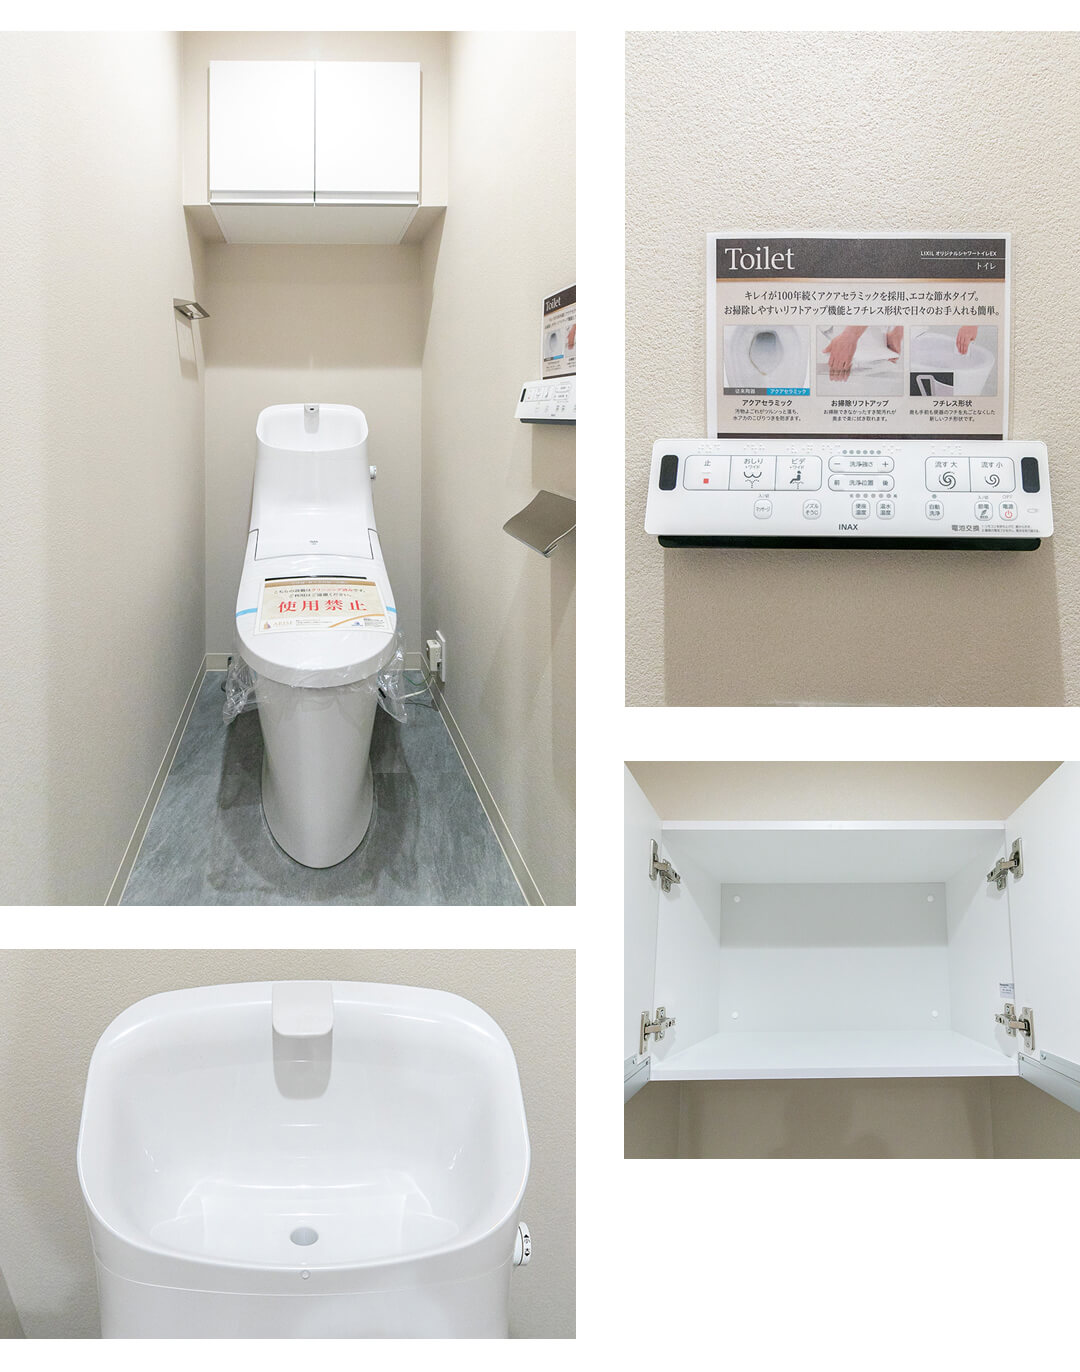 朝日サテライト六本木 301のトイレ